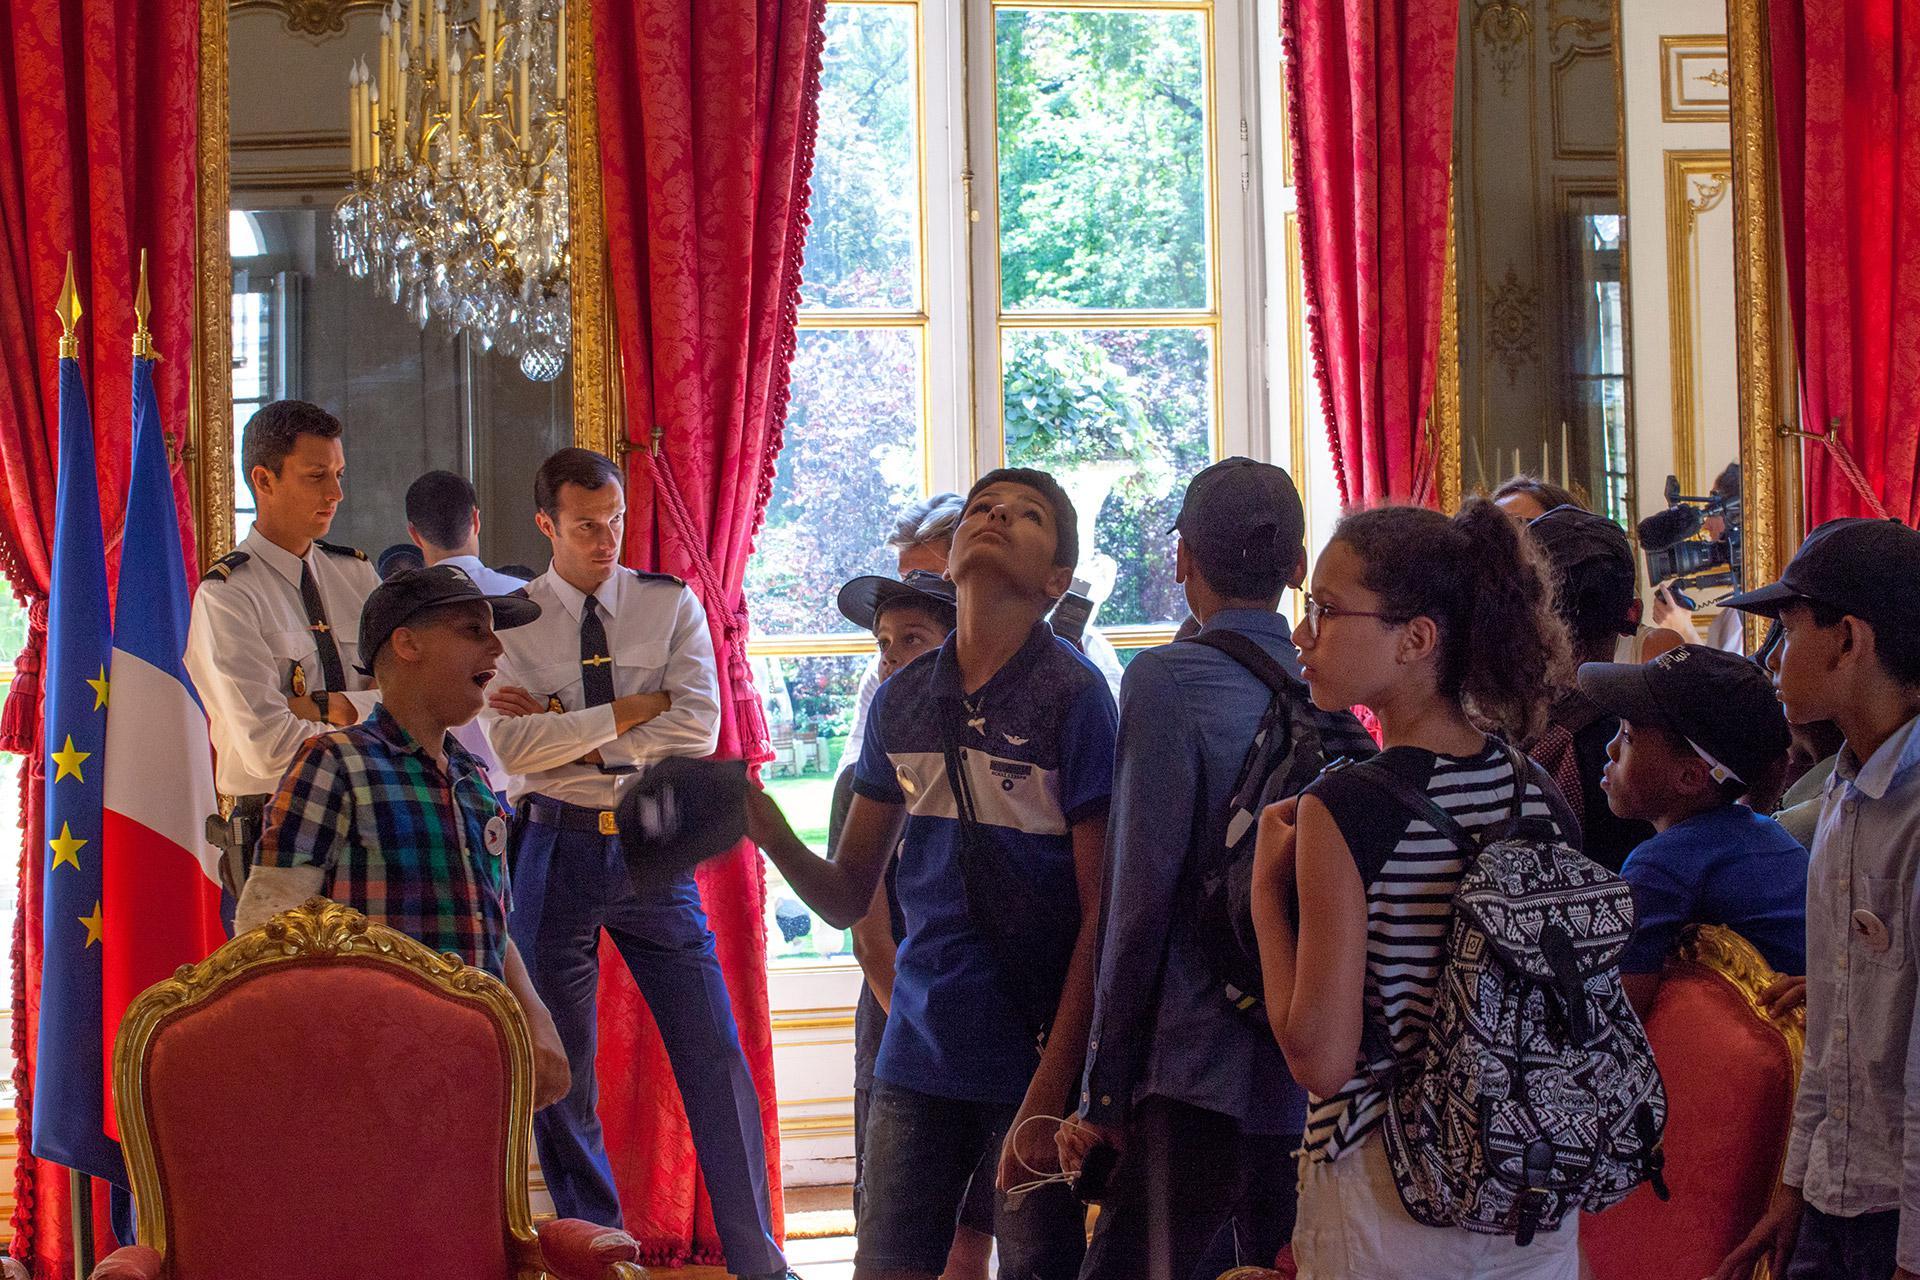 Les enfants ont bénéficié d'une visite commentée par des guides passionnés. Ils sont même entrés dans le bureau du chef du gouvernement.